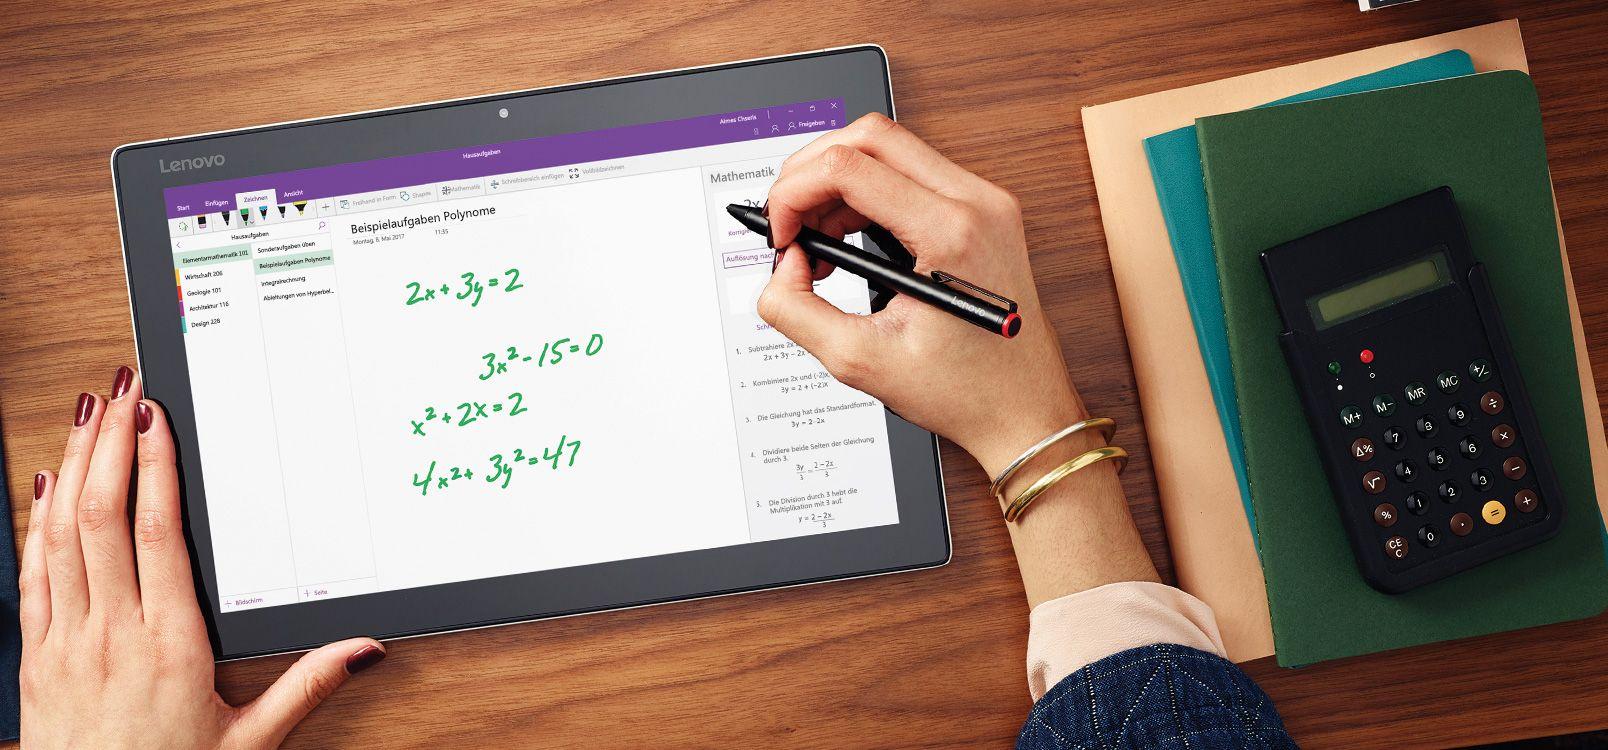 Tabletbildschirm, auf dem OneNote mit dem mathematischen Freihand-Assistenten dargestellt wird